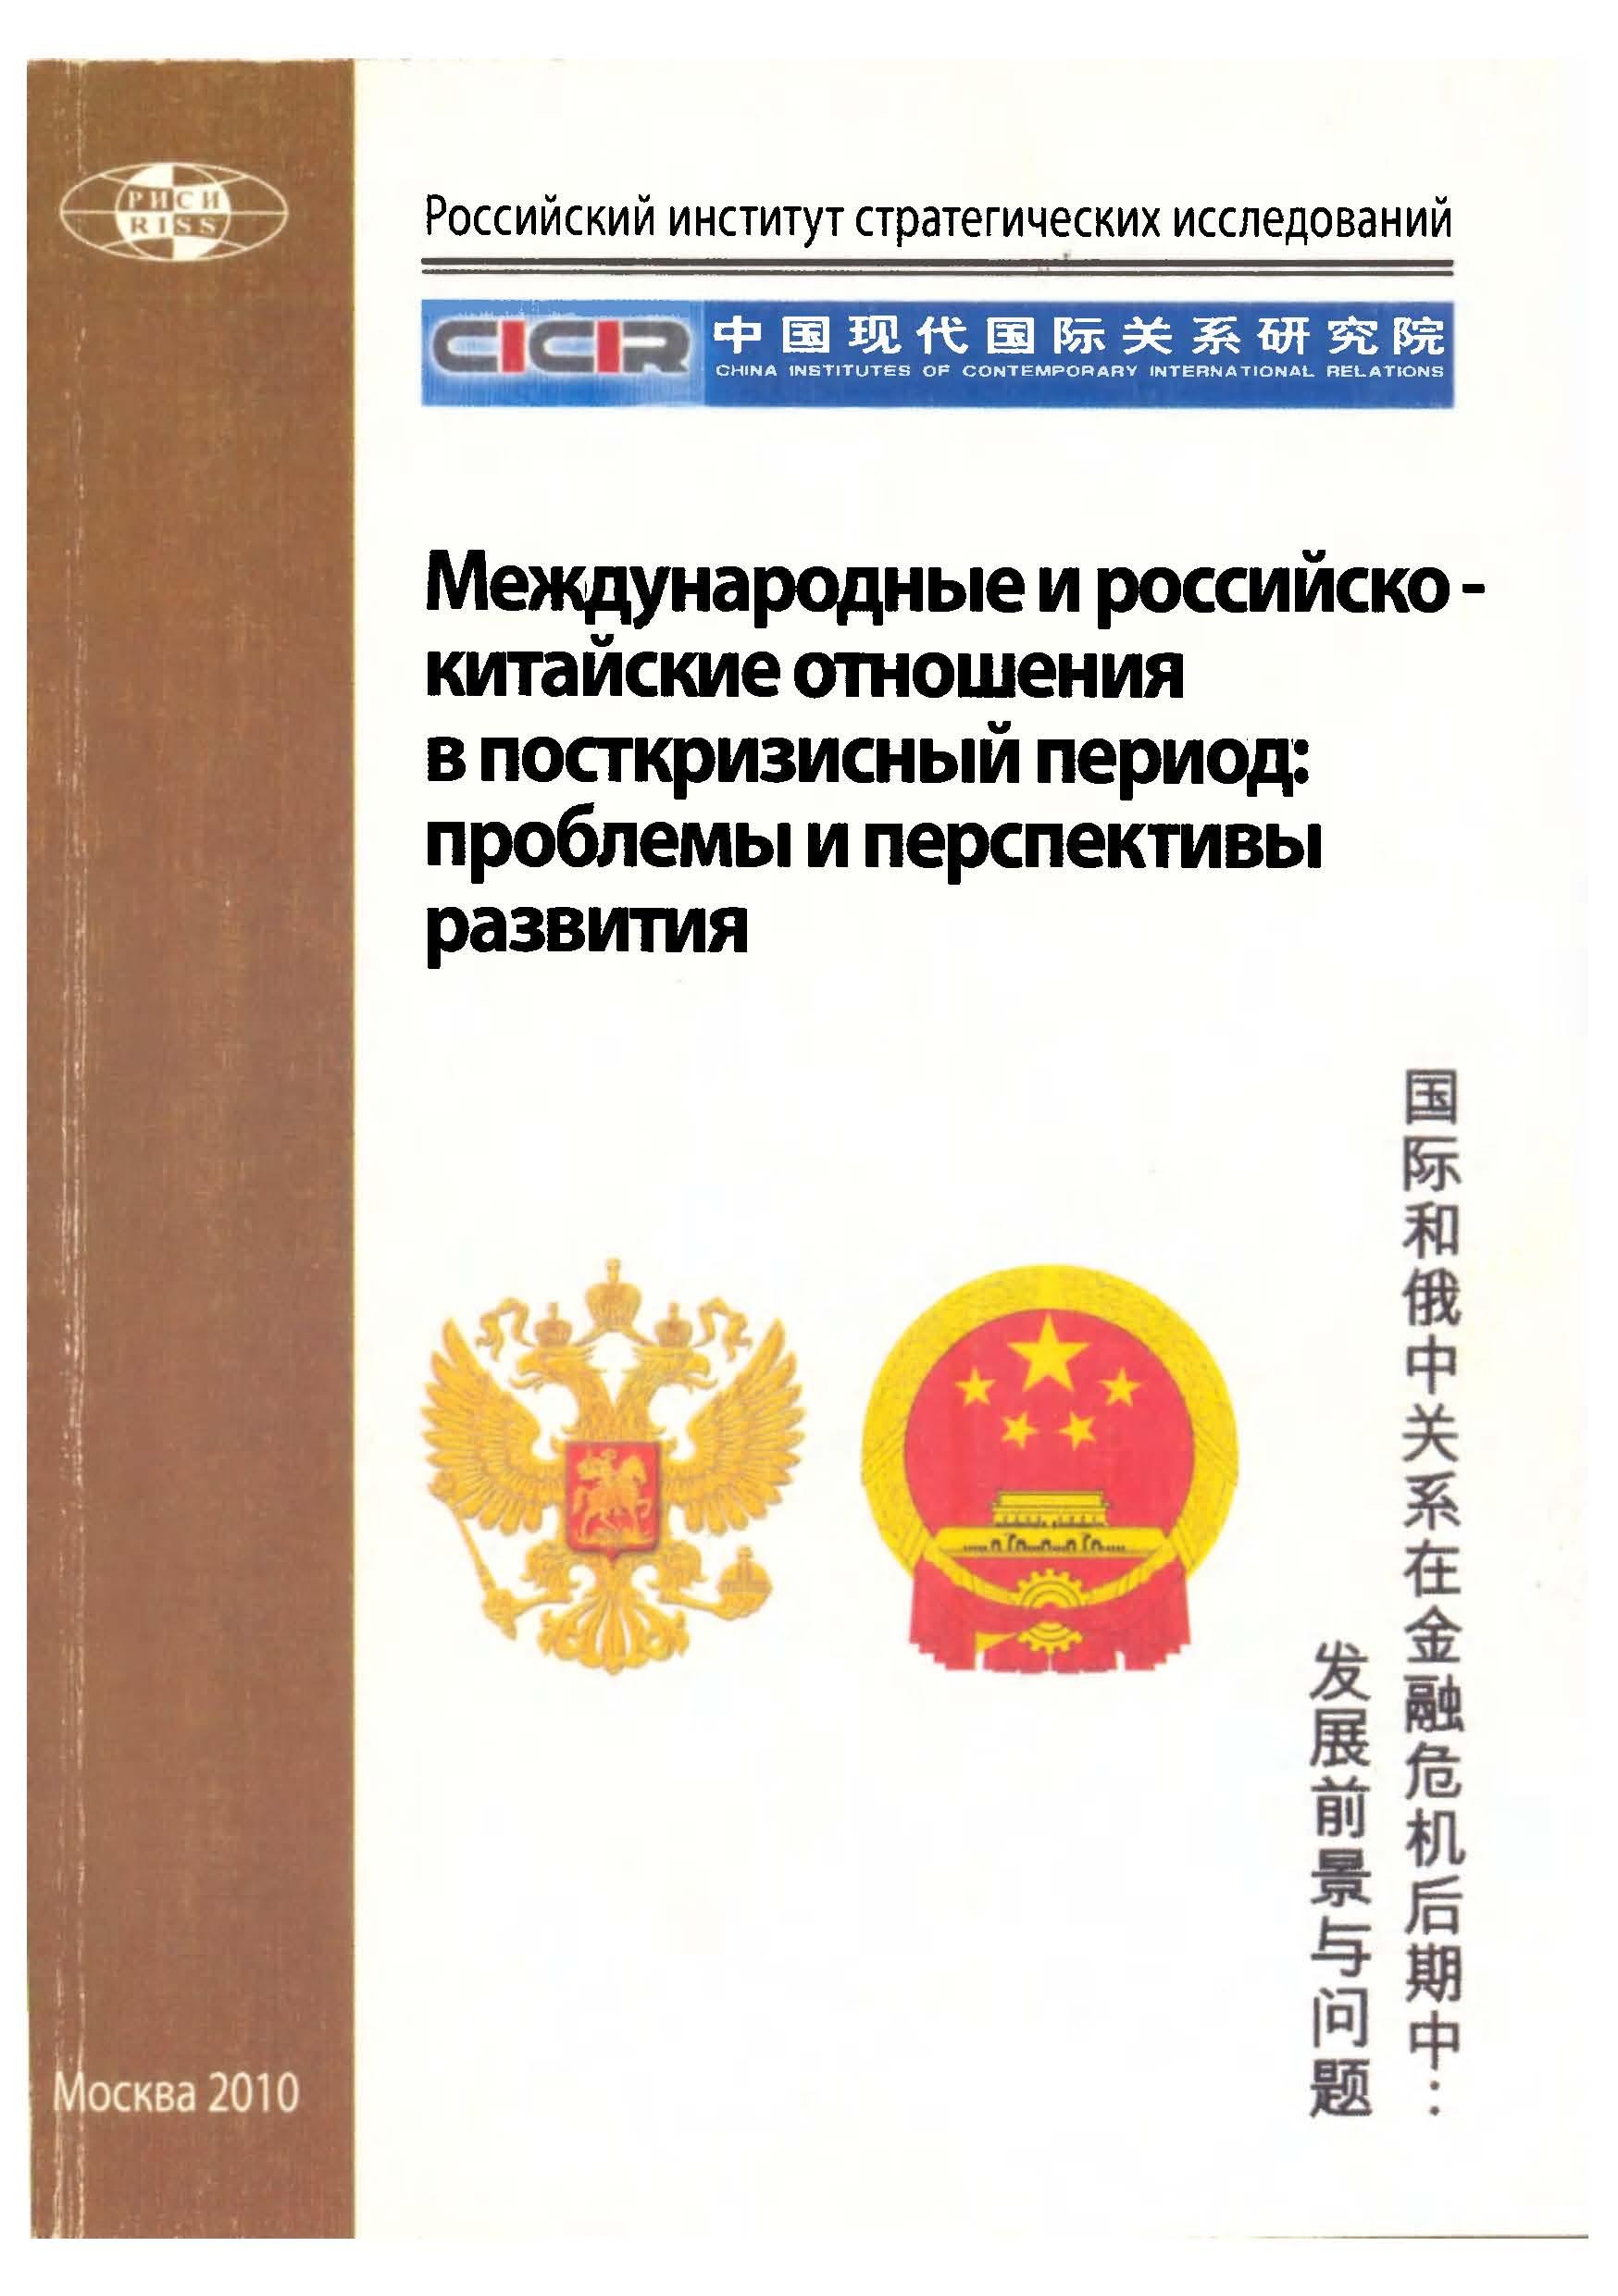 Интеграционные процессы в АТР в контексте взаимоотношений России со странами АСЕАН